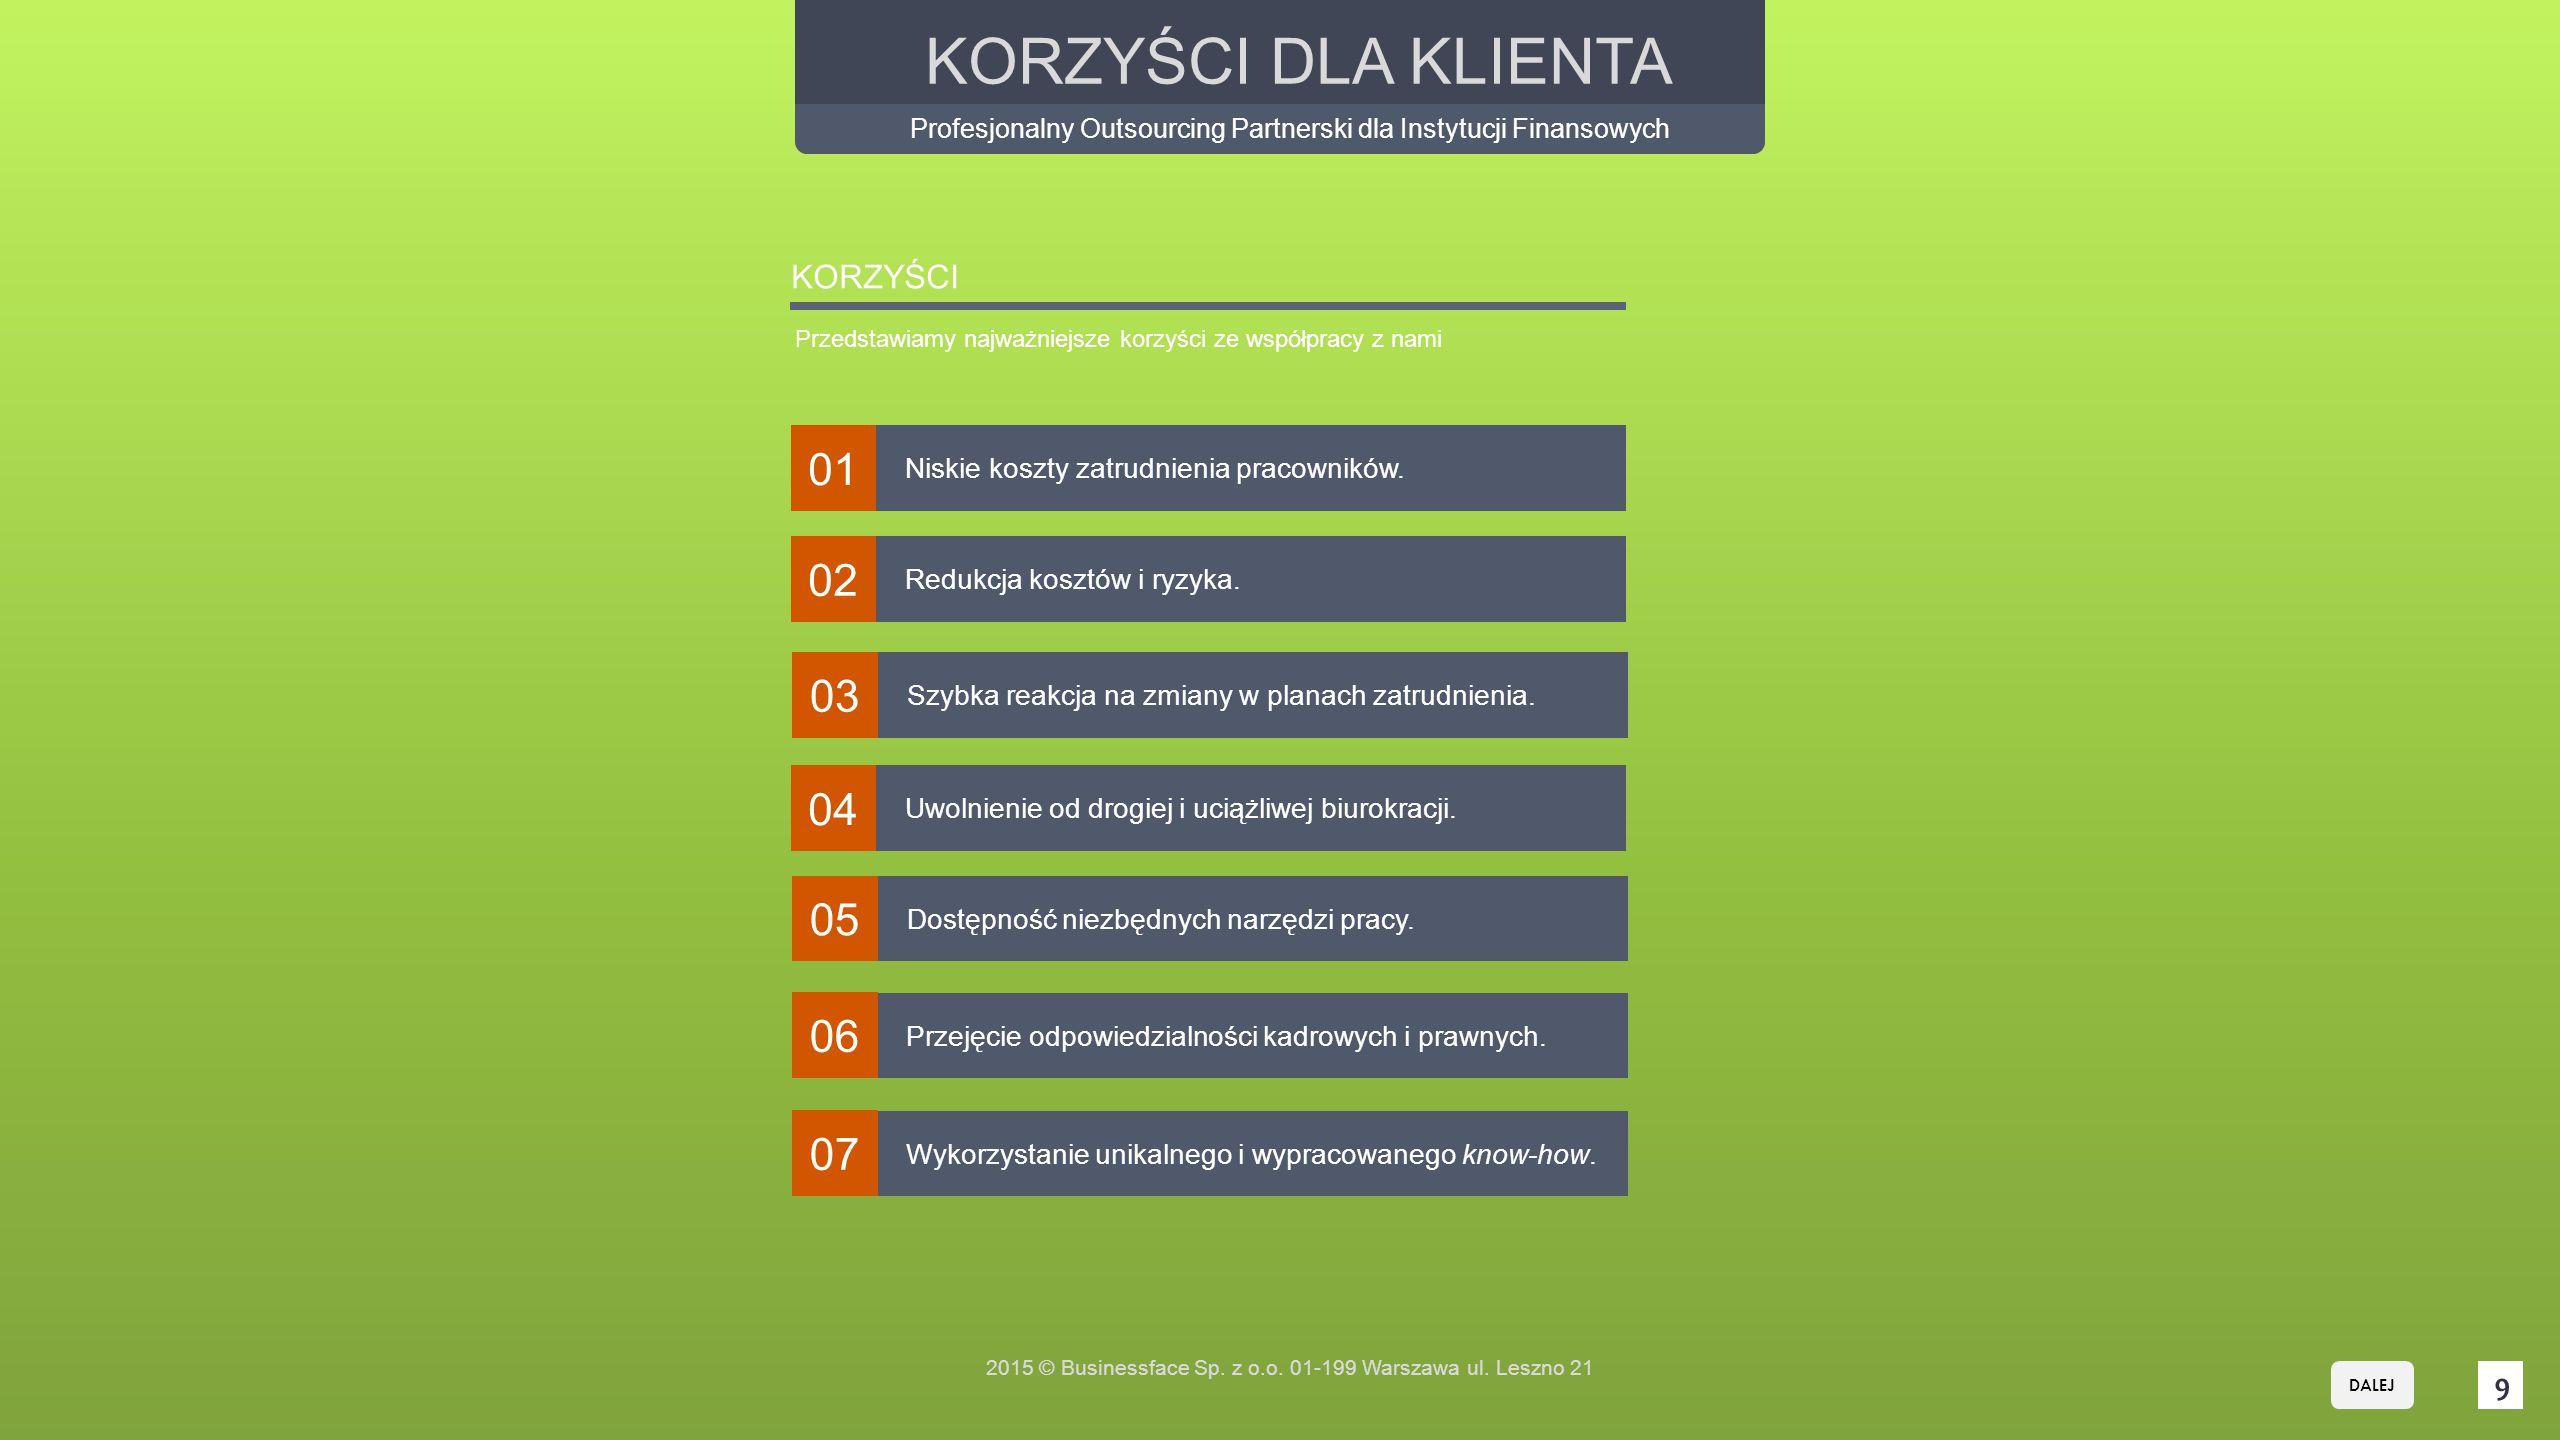 9 KORZYŚCI Przedstawiamy najważniejsze korzyści ze współpracy z nami Niskie koszty zatrudnienia pracowników.